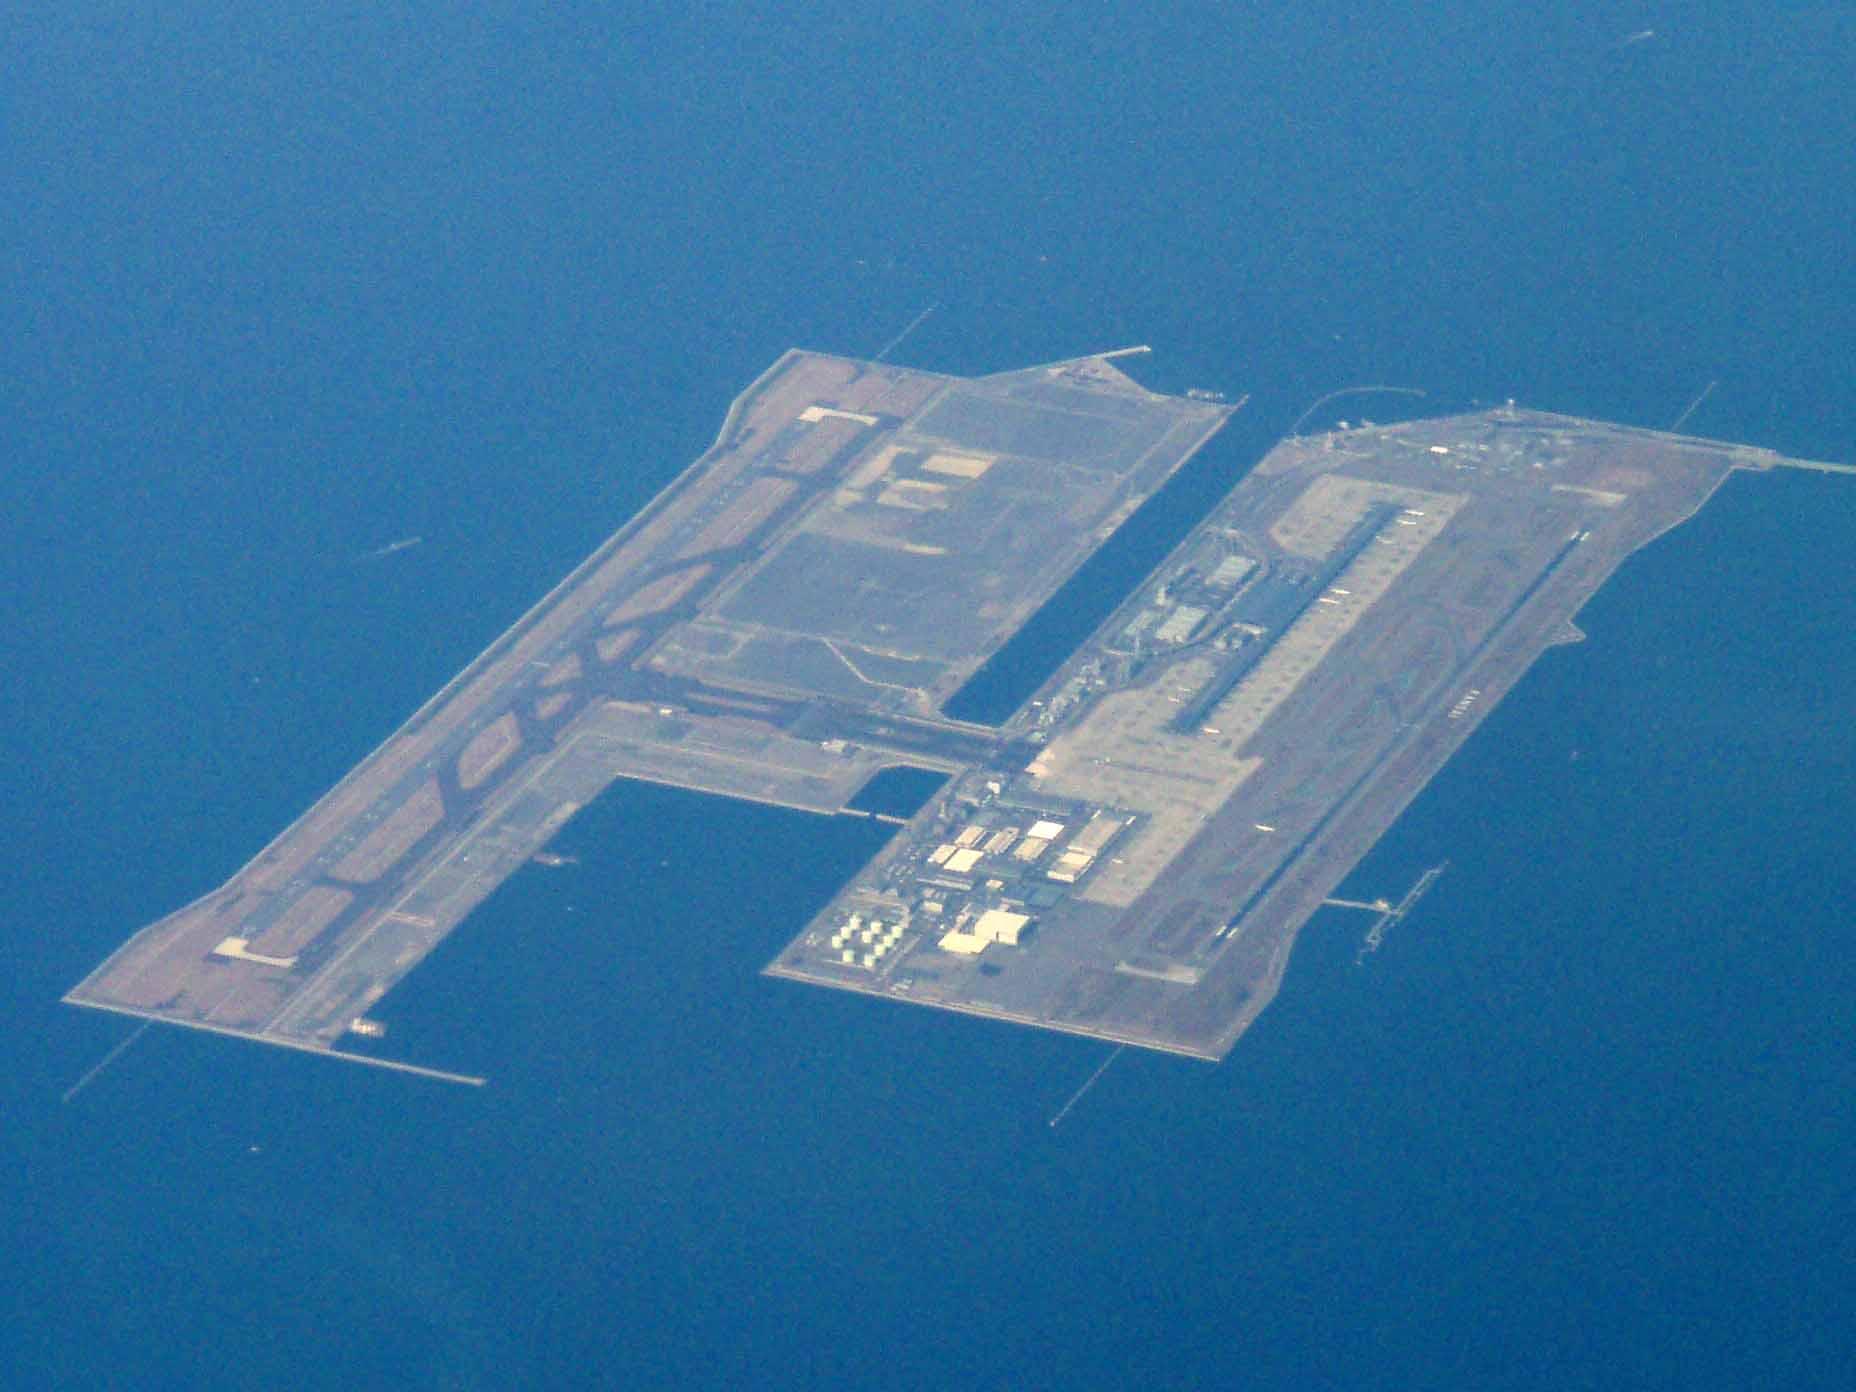 Bildresultat för Kansai airport